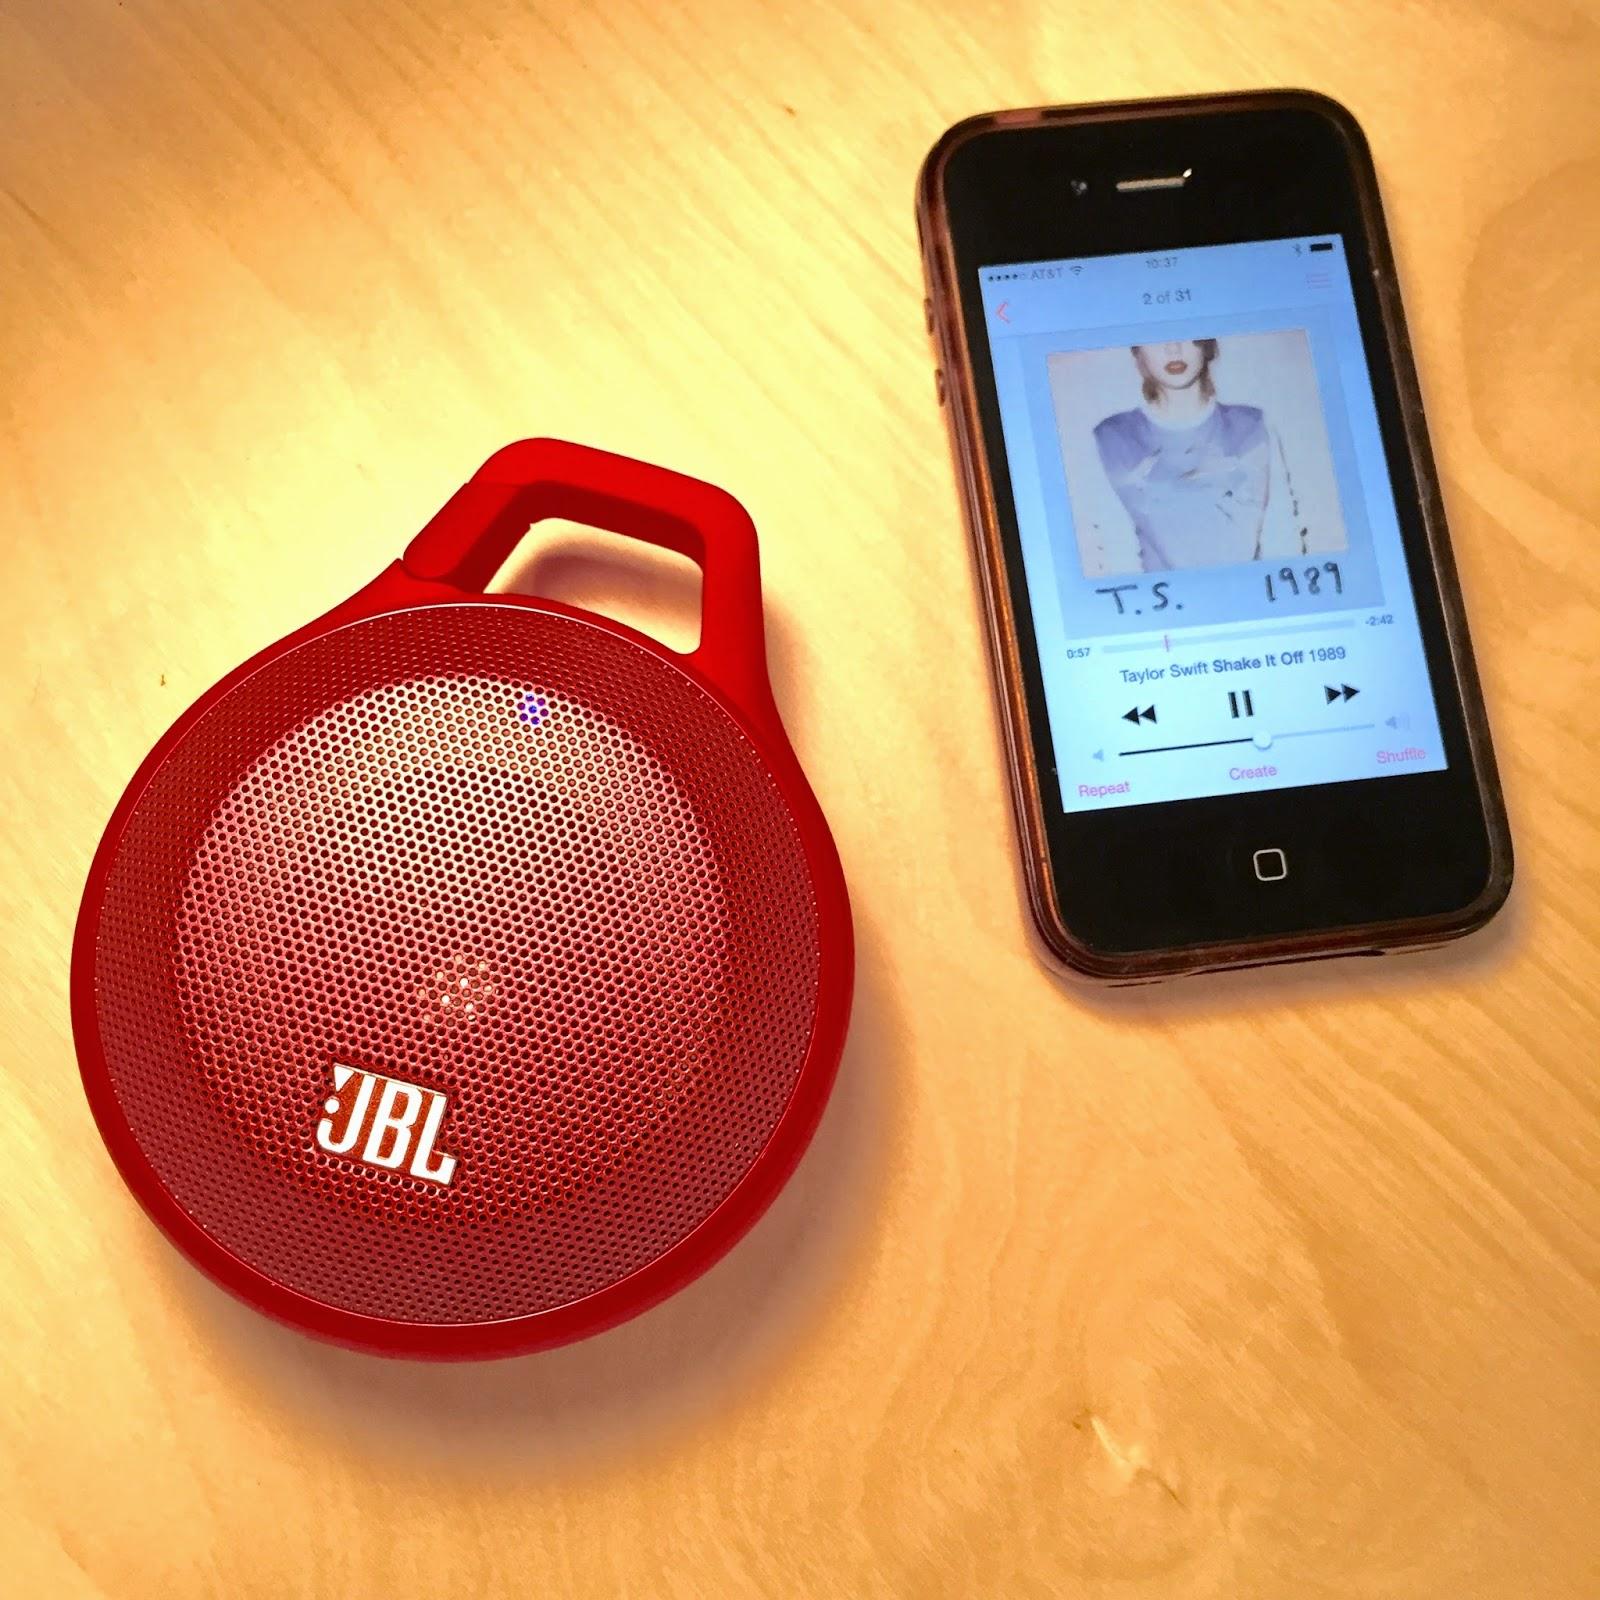 JBL clip speaker